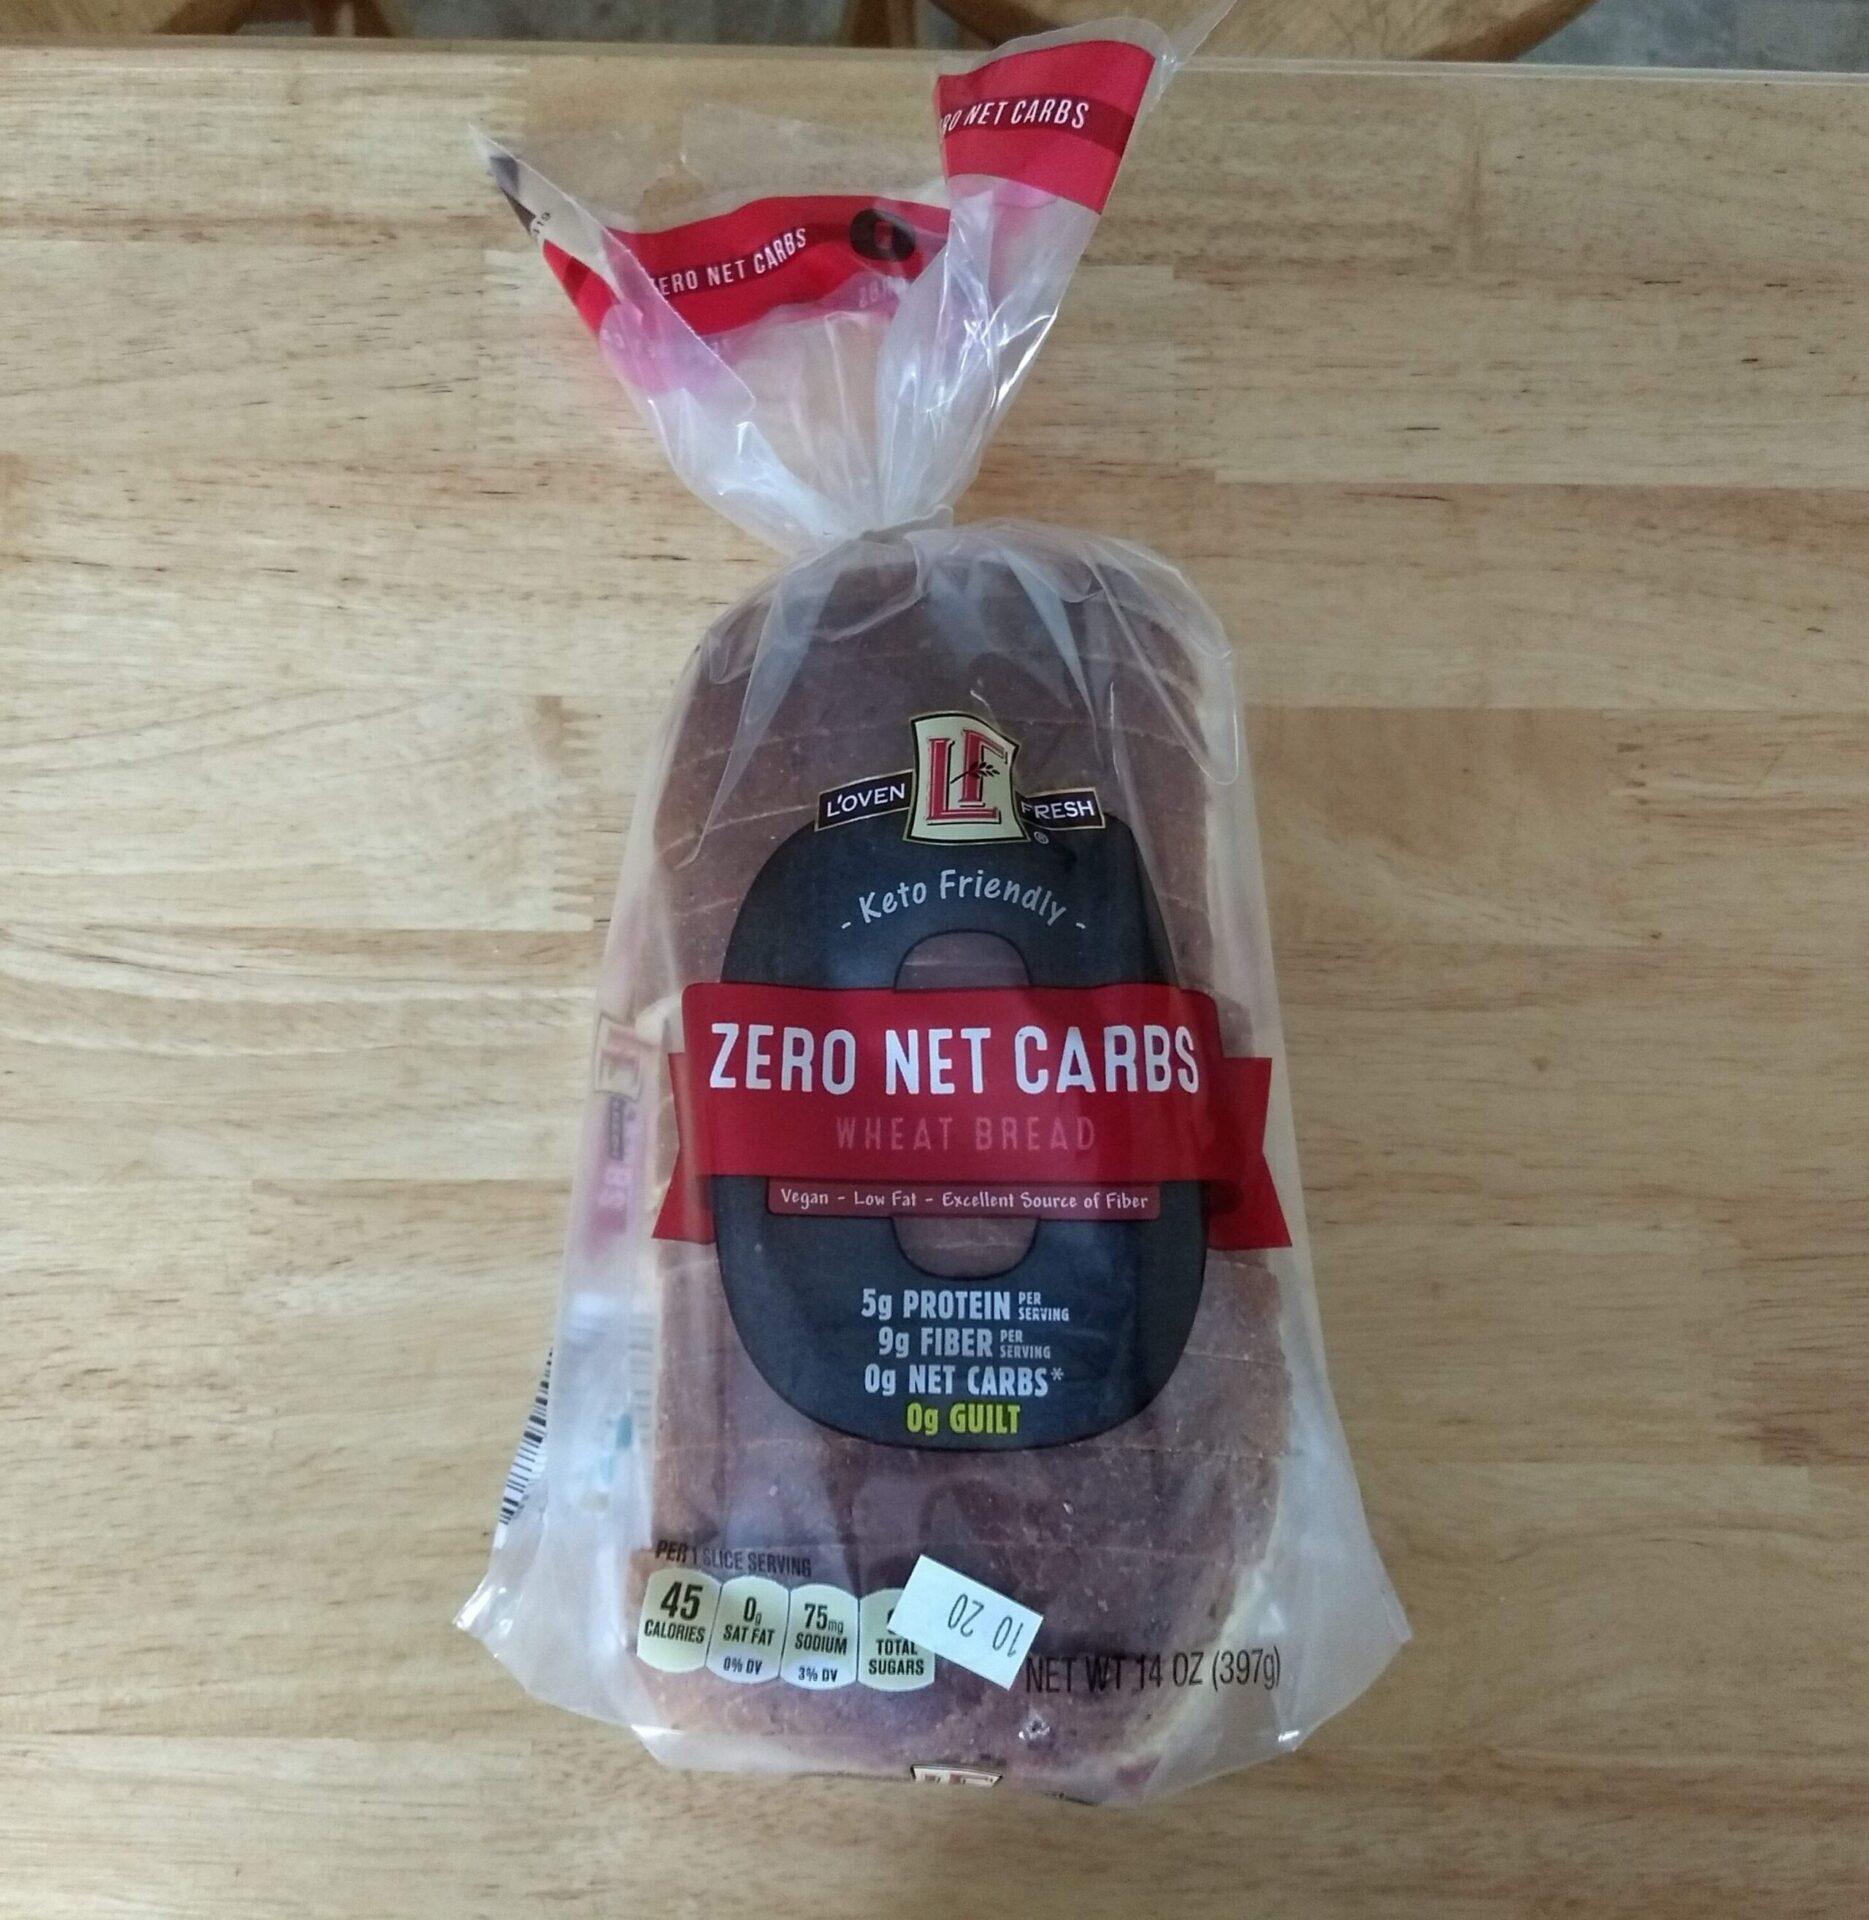 L Oven Fresh Keto Friendly Zero Net Carbs Bread Aldi Reviewer